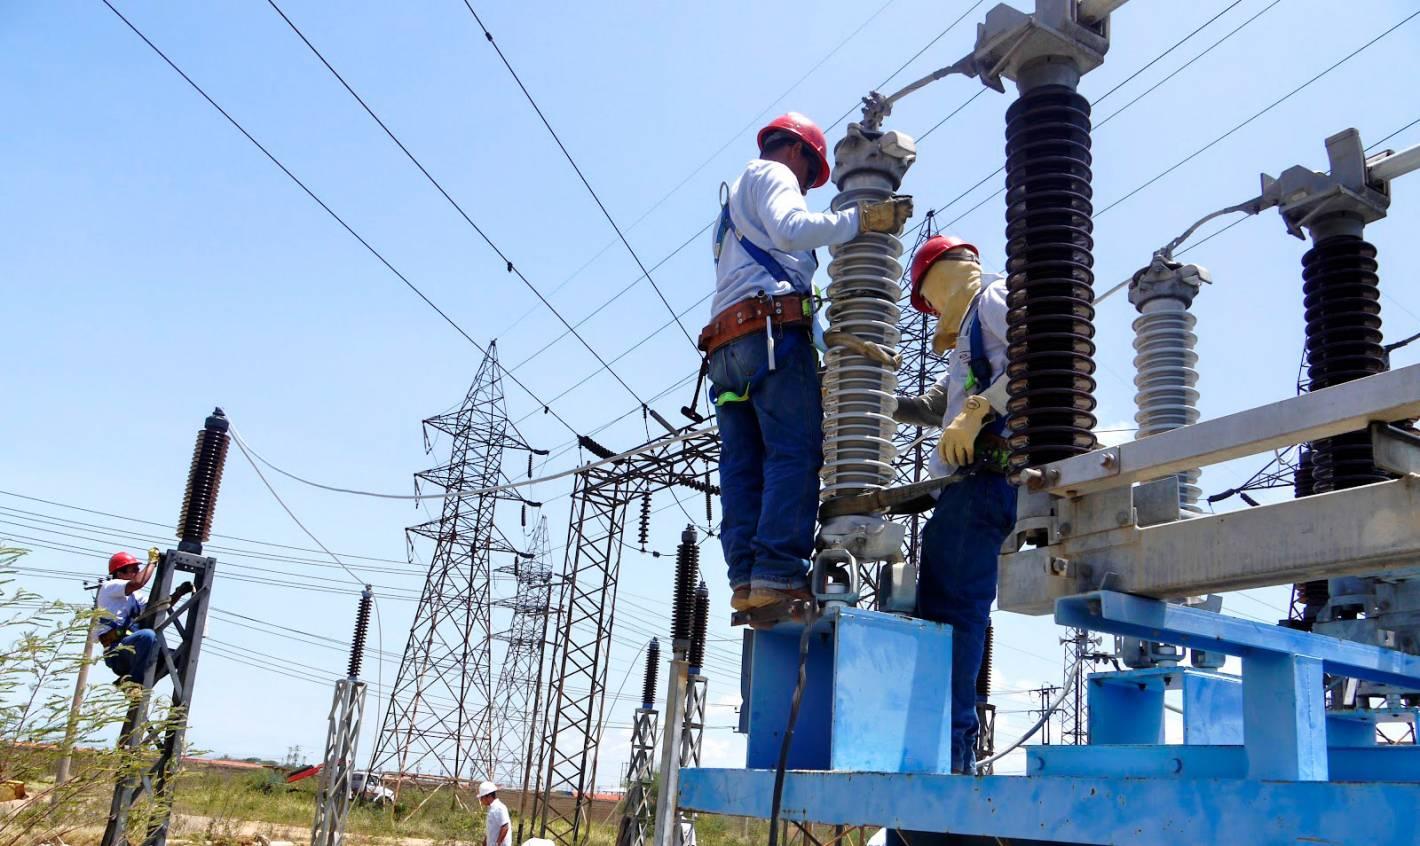 Edemsa normaliz el servicio el ctrico casi en su for Empresas de electricidad en sevilla